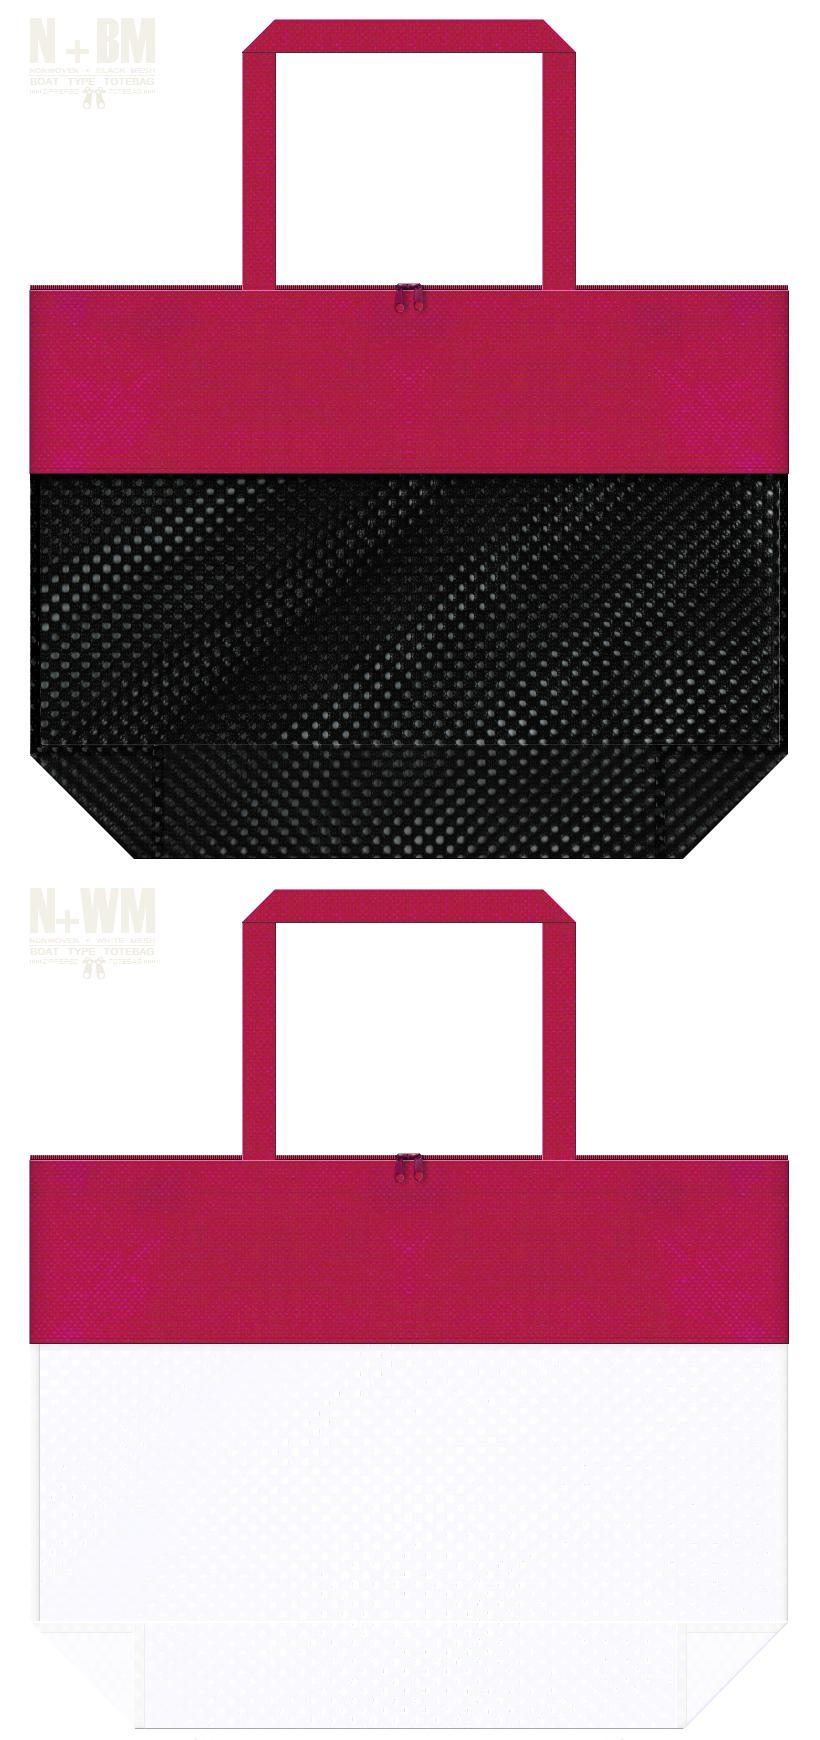 台形型メッシュバッグのカラーシミュレーション:黒色・白色メッシュと濃ピンク色不織布の組み合わせ